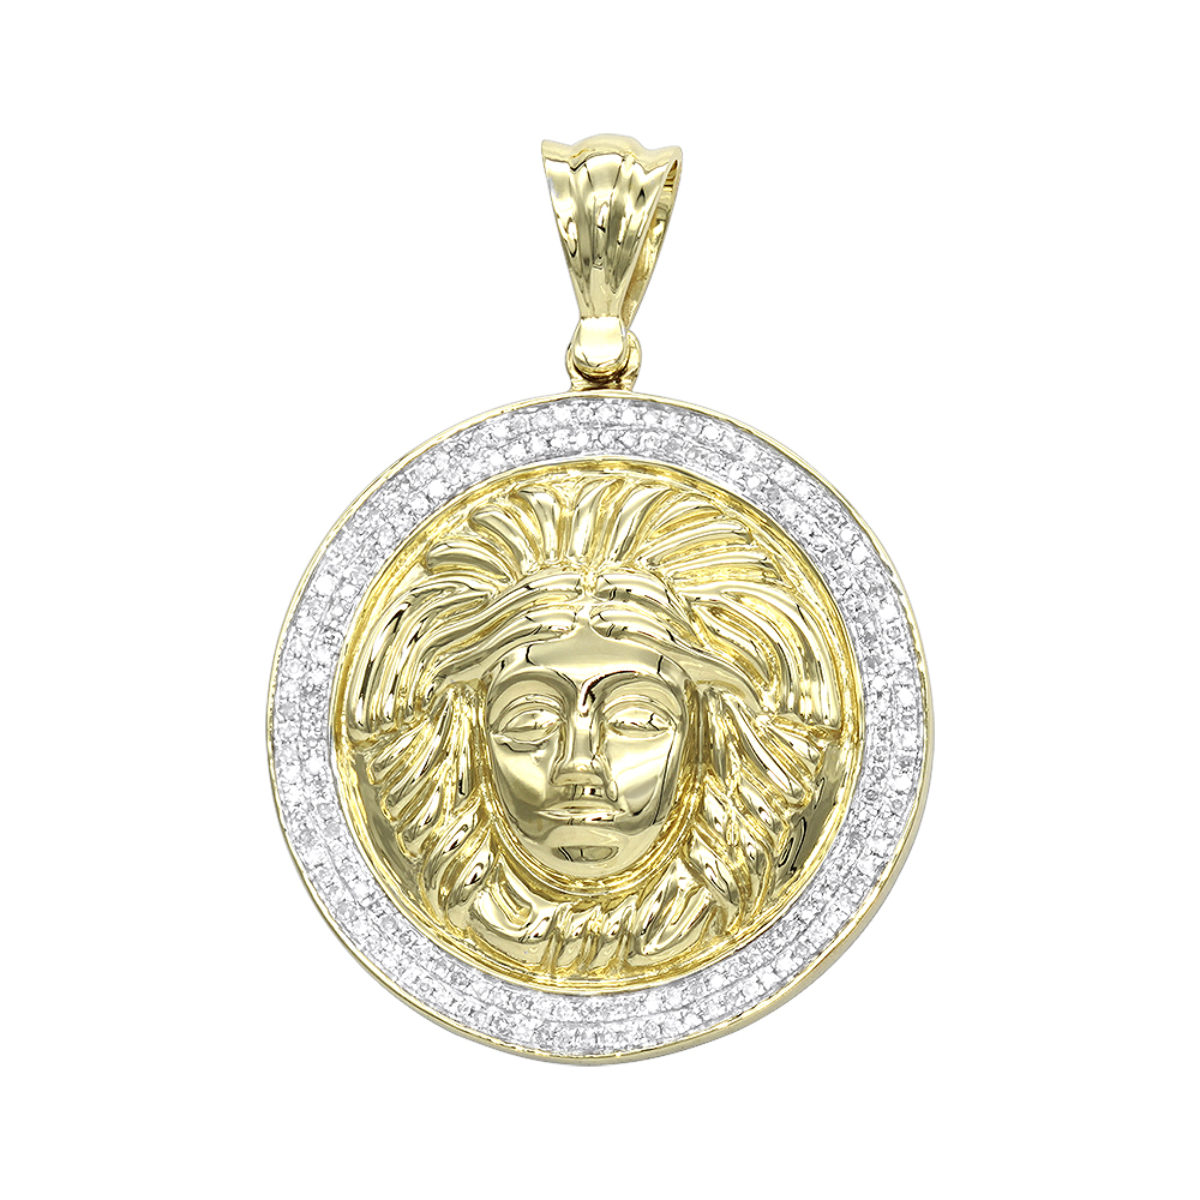 10K Gold  Versace Style Diamond Pendant Medusa Head Medallion for Men 0.5ct